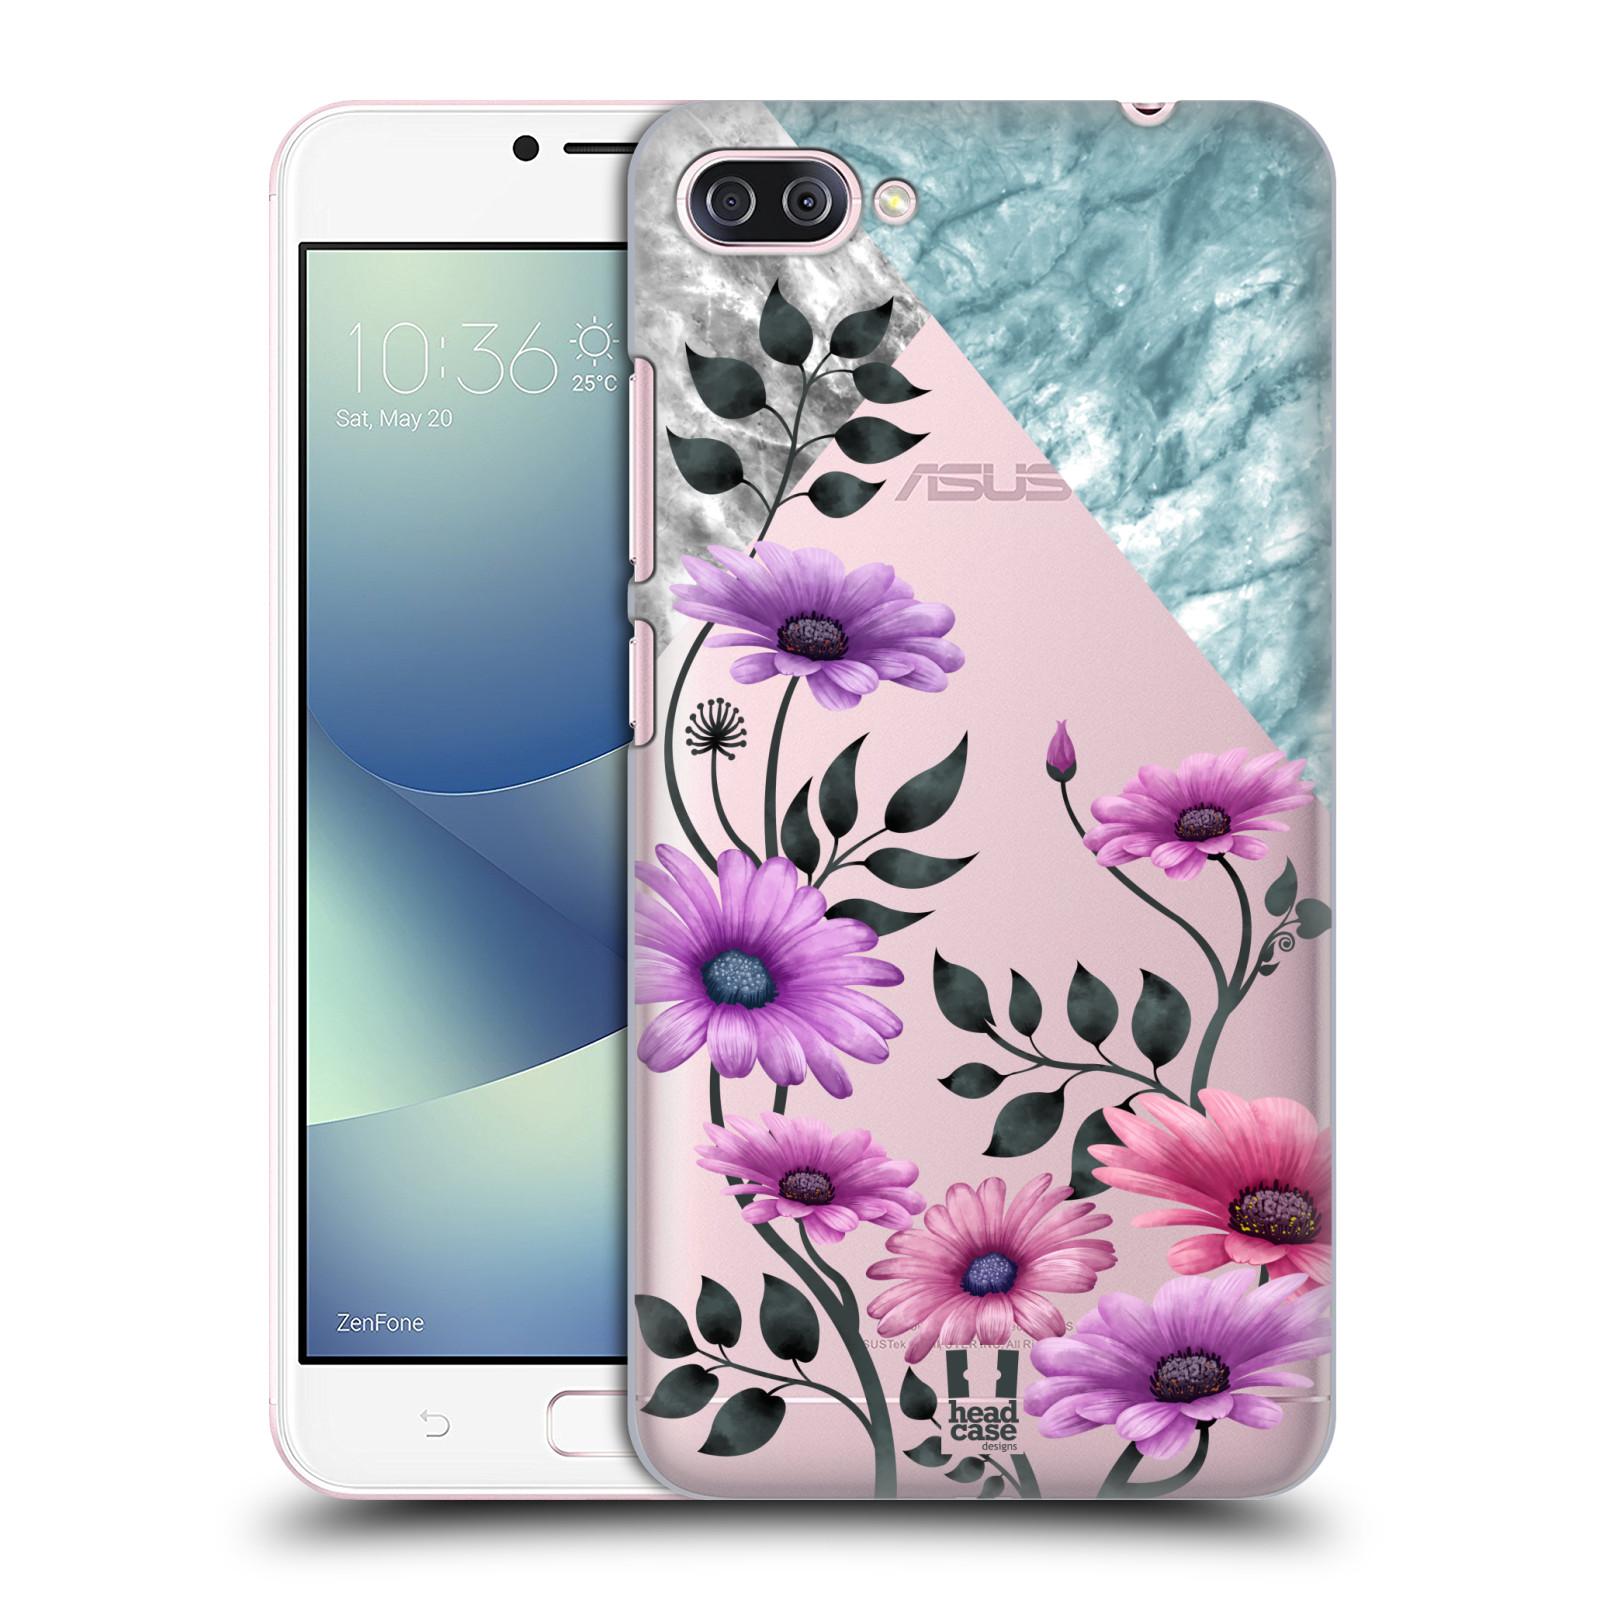 HEAD CASE plastový obal na mobil Asus Zenfone 4 MAX ZC554KL květiny hvězdnice, Aster fialová a modrá